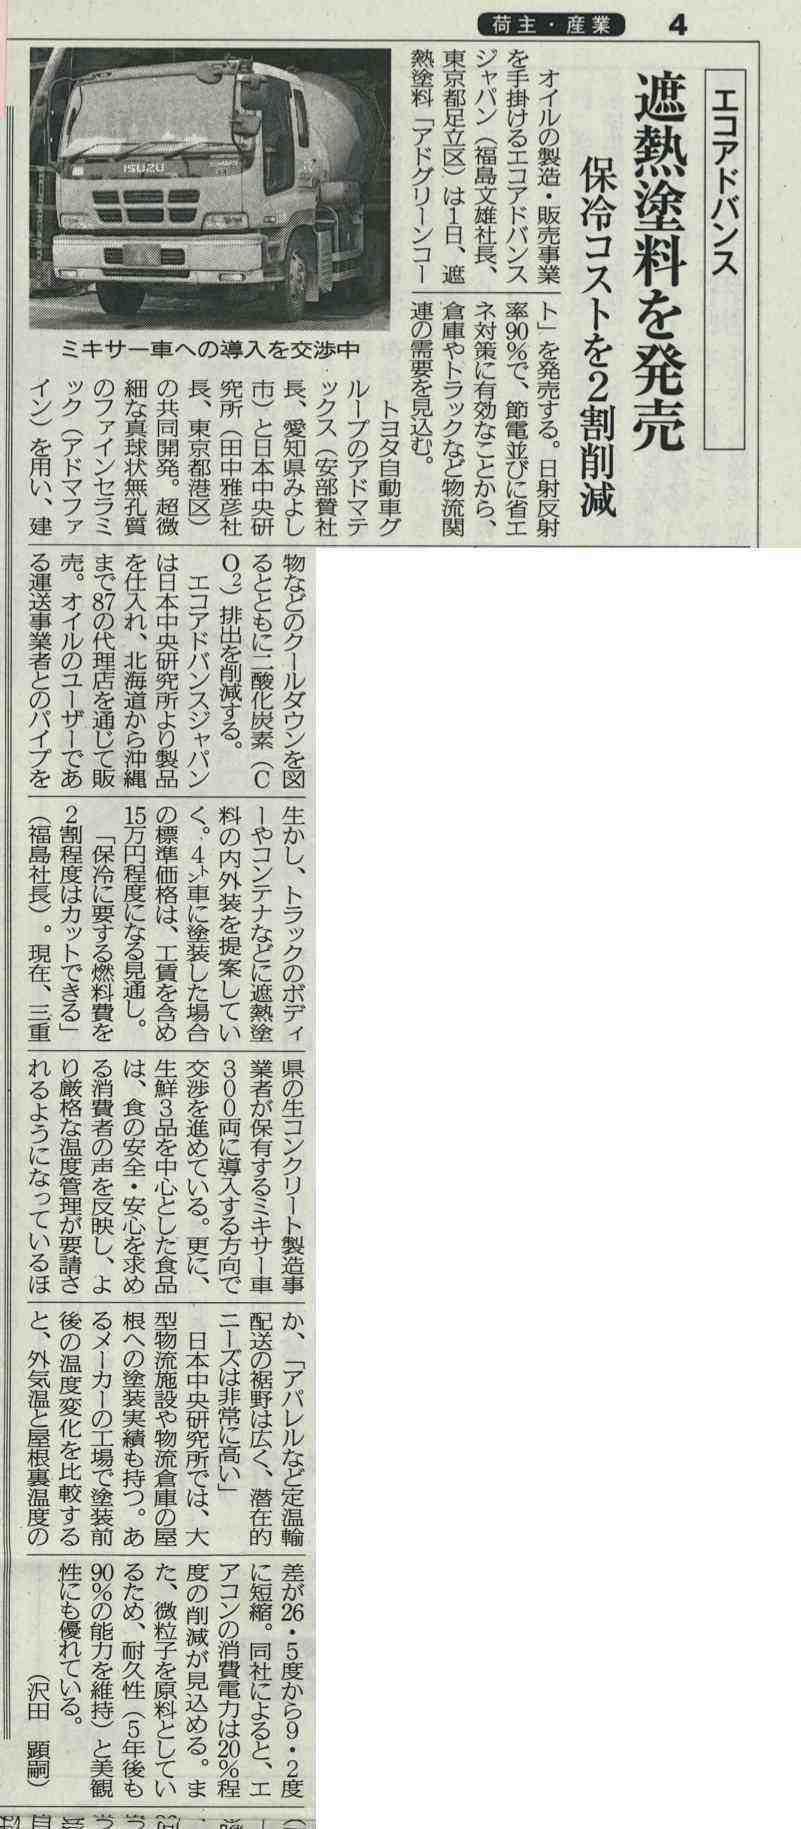 2013.07.01 物流ニッポン